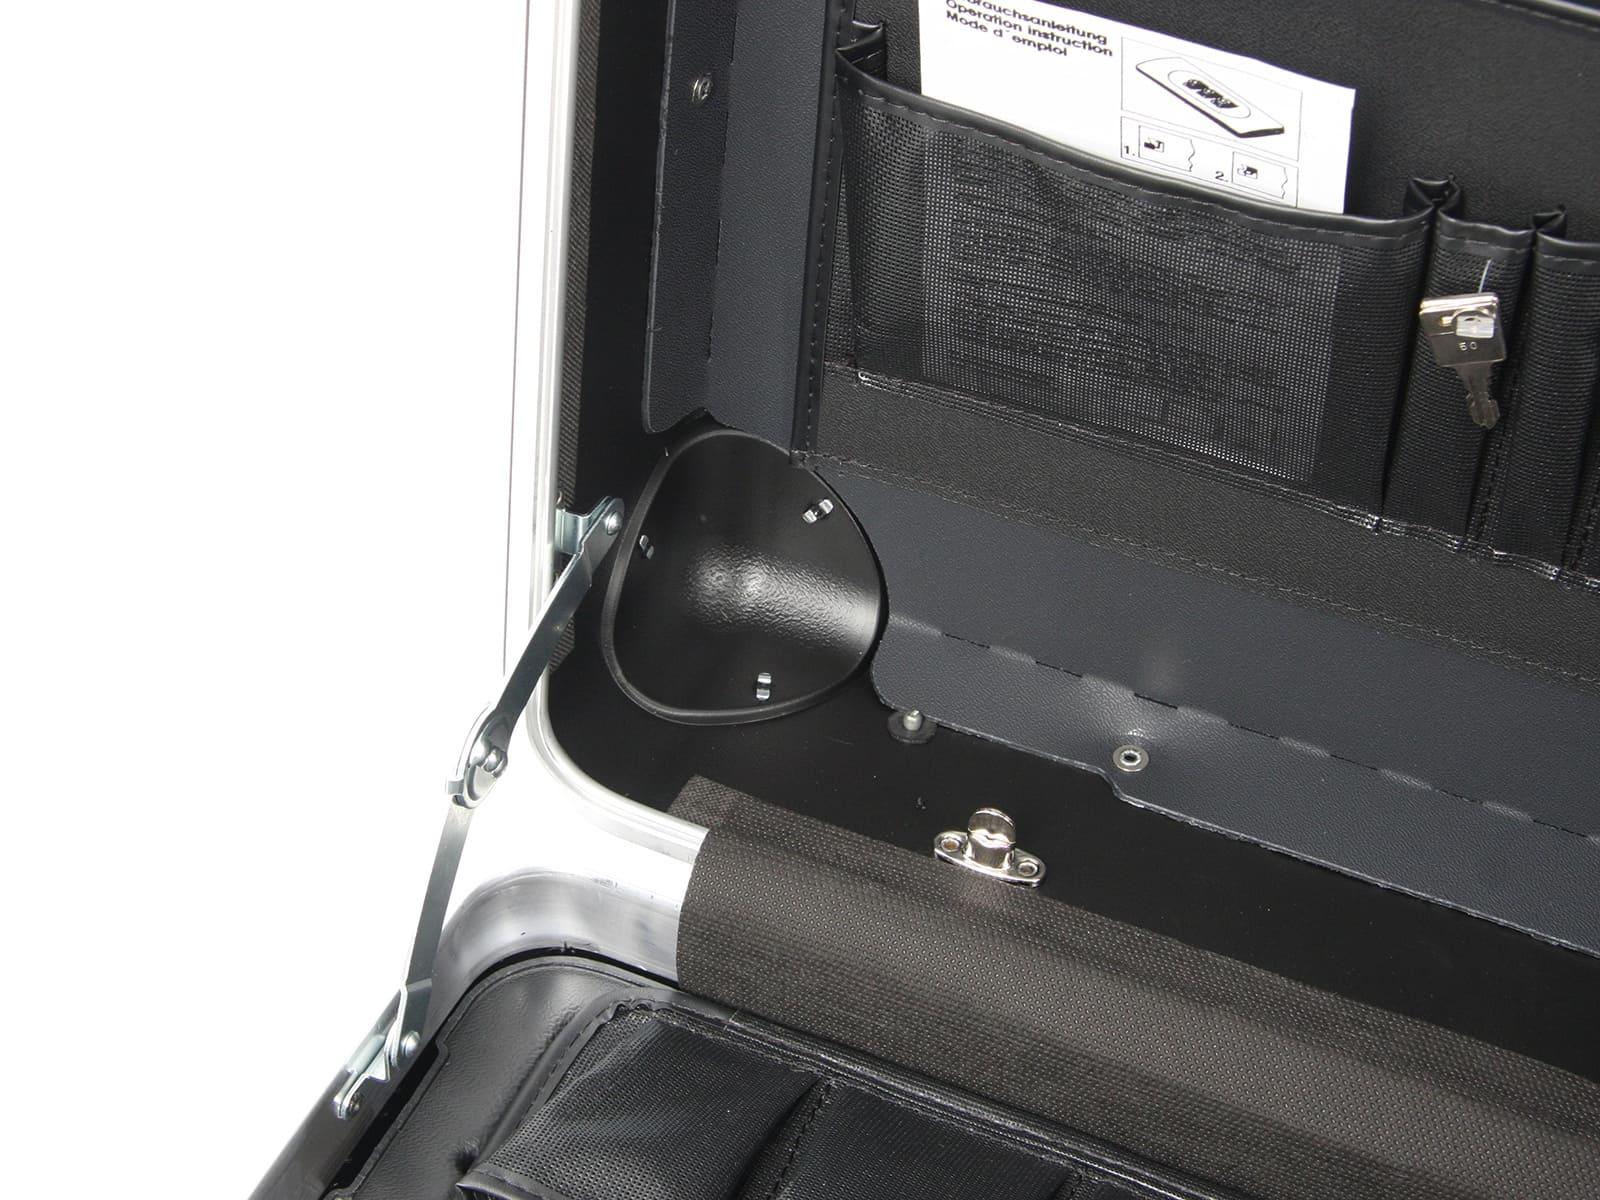 Werkzeugkoffer Robust 5770 B inkl. Trolleyfunktion 37 ltr. HDPE bruchsicher